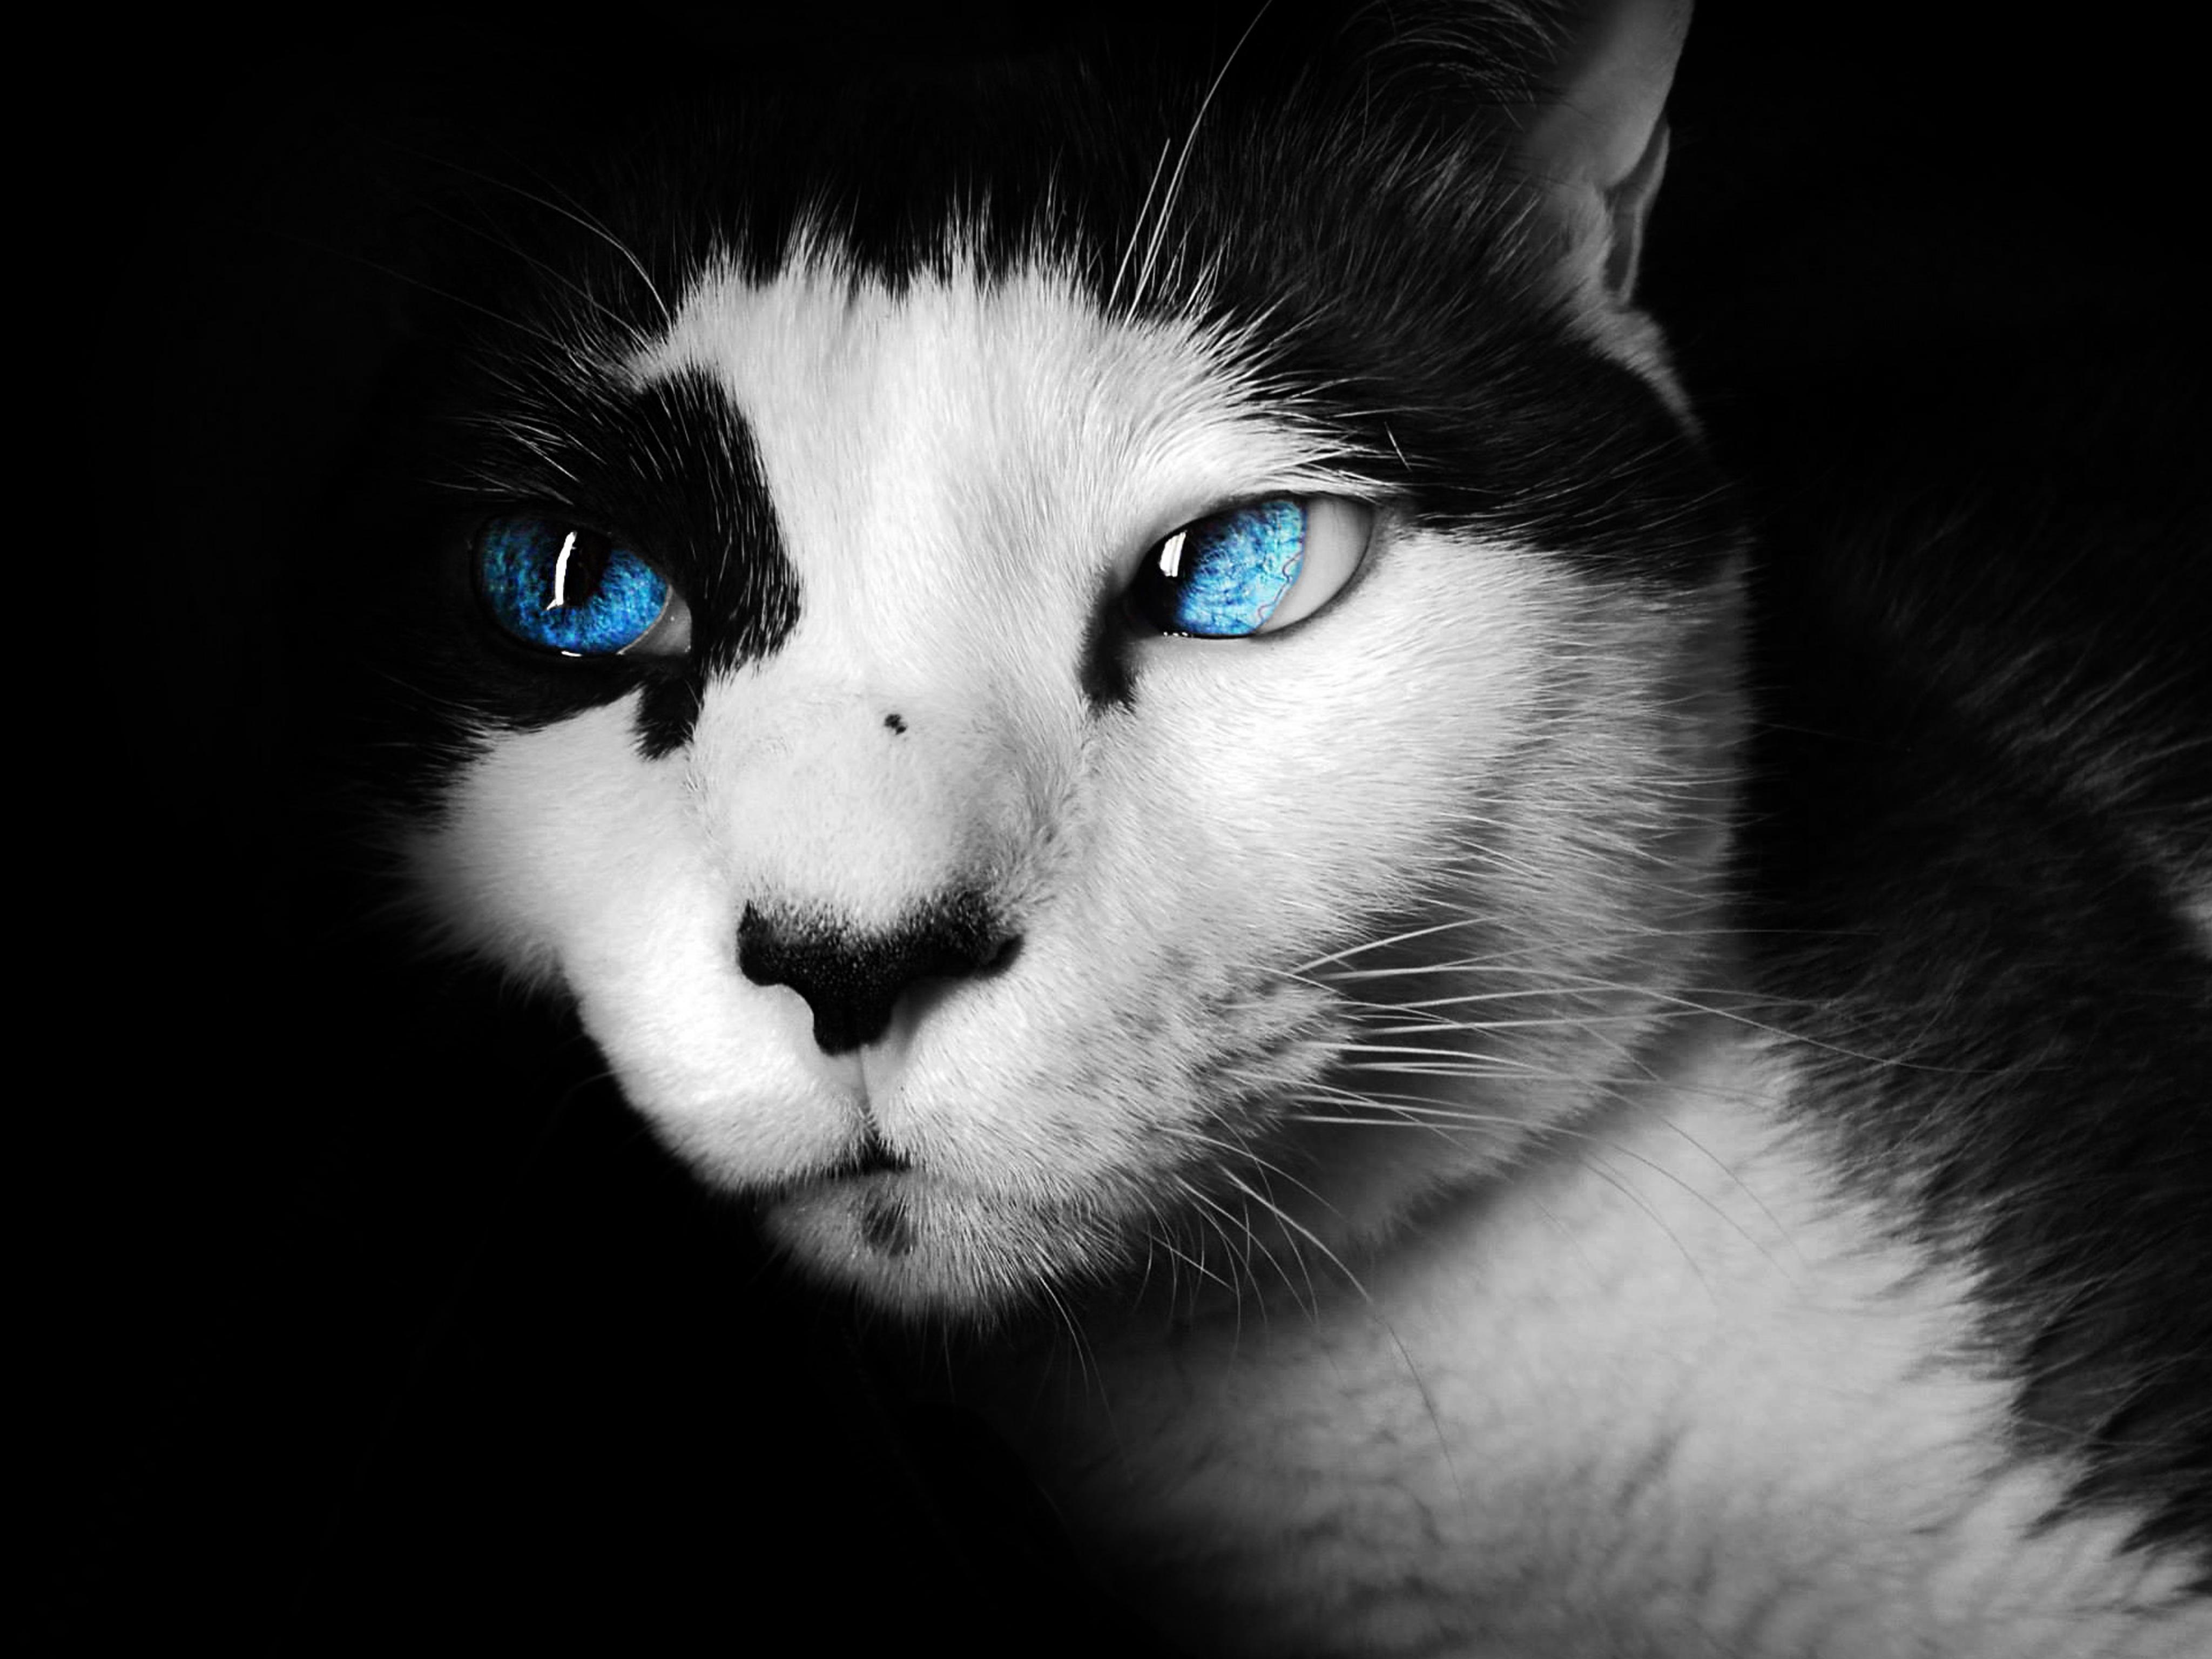 Fotos gratis : en blanco y negro, fotografía, animal, mirando ...